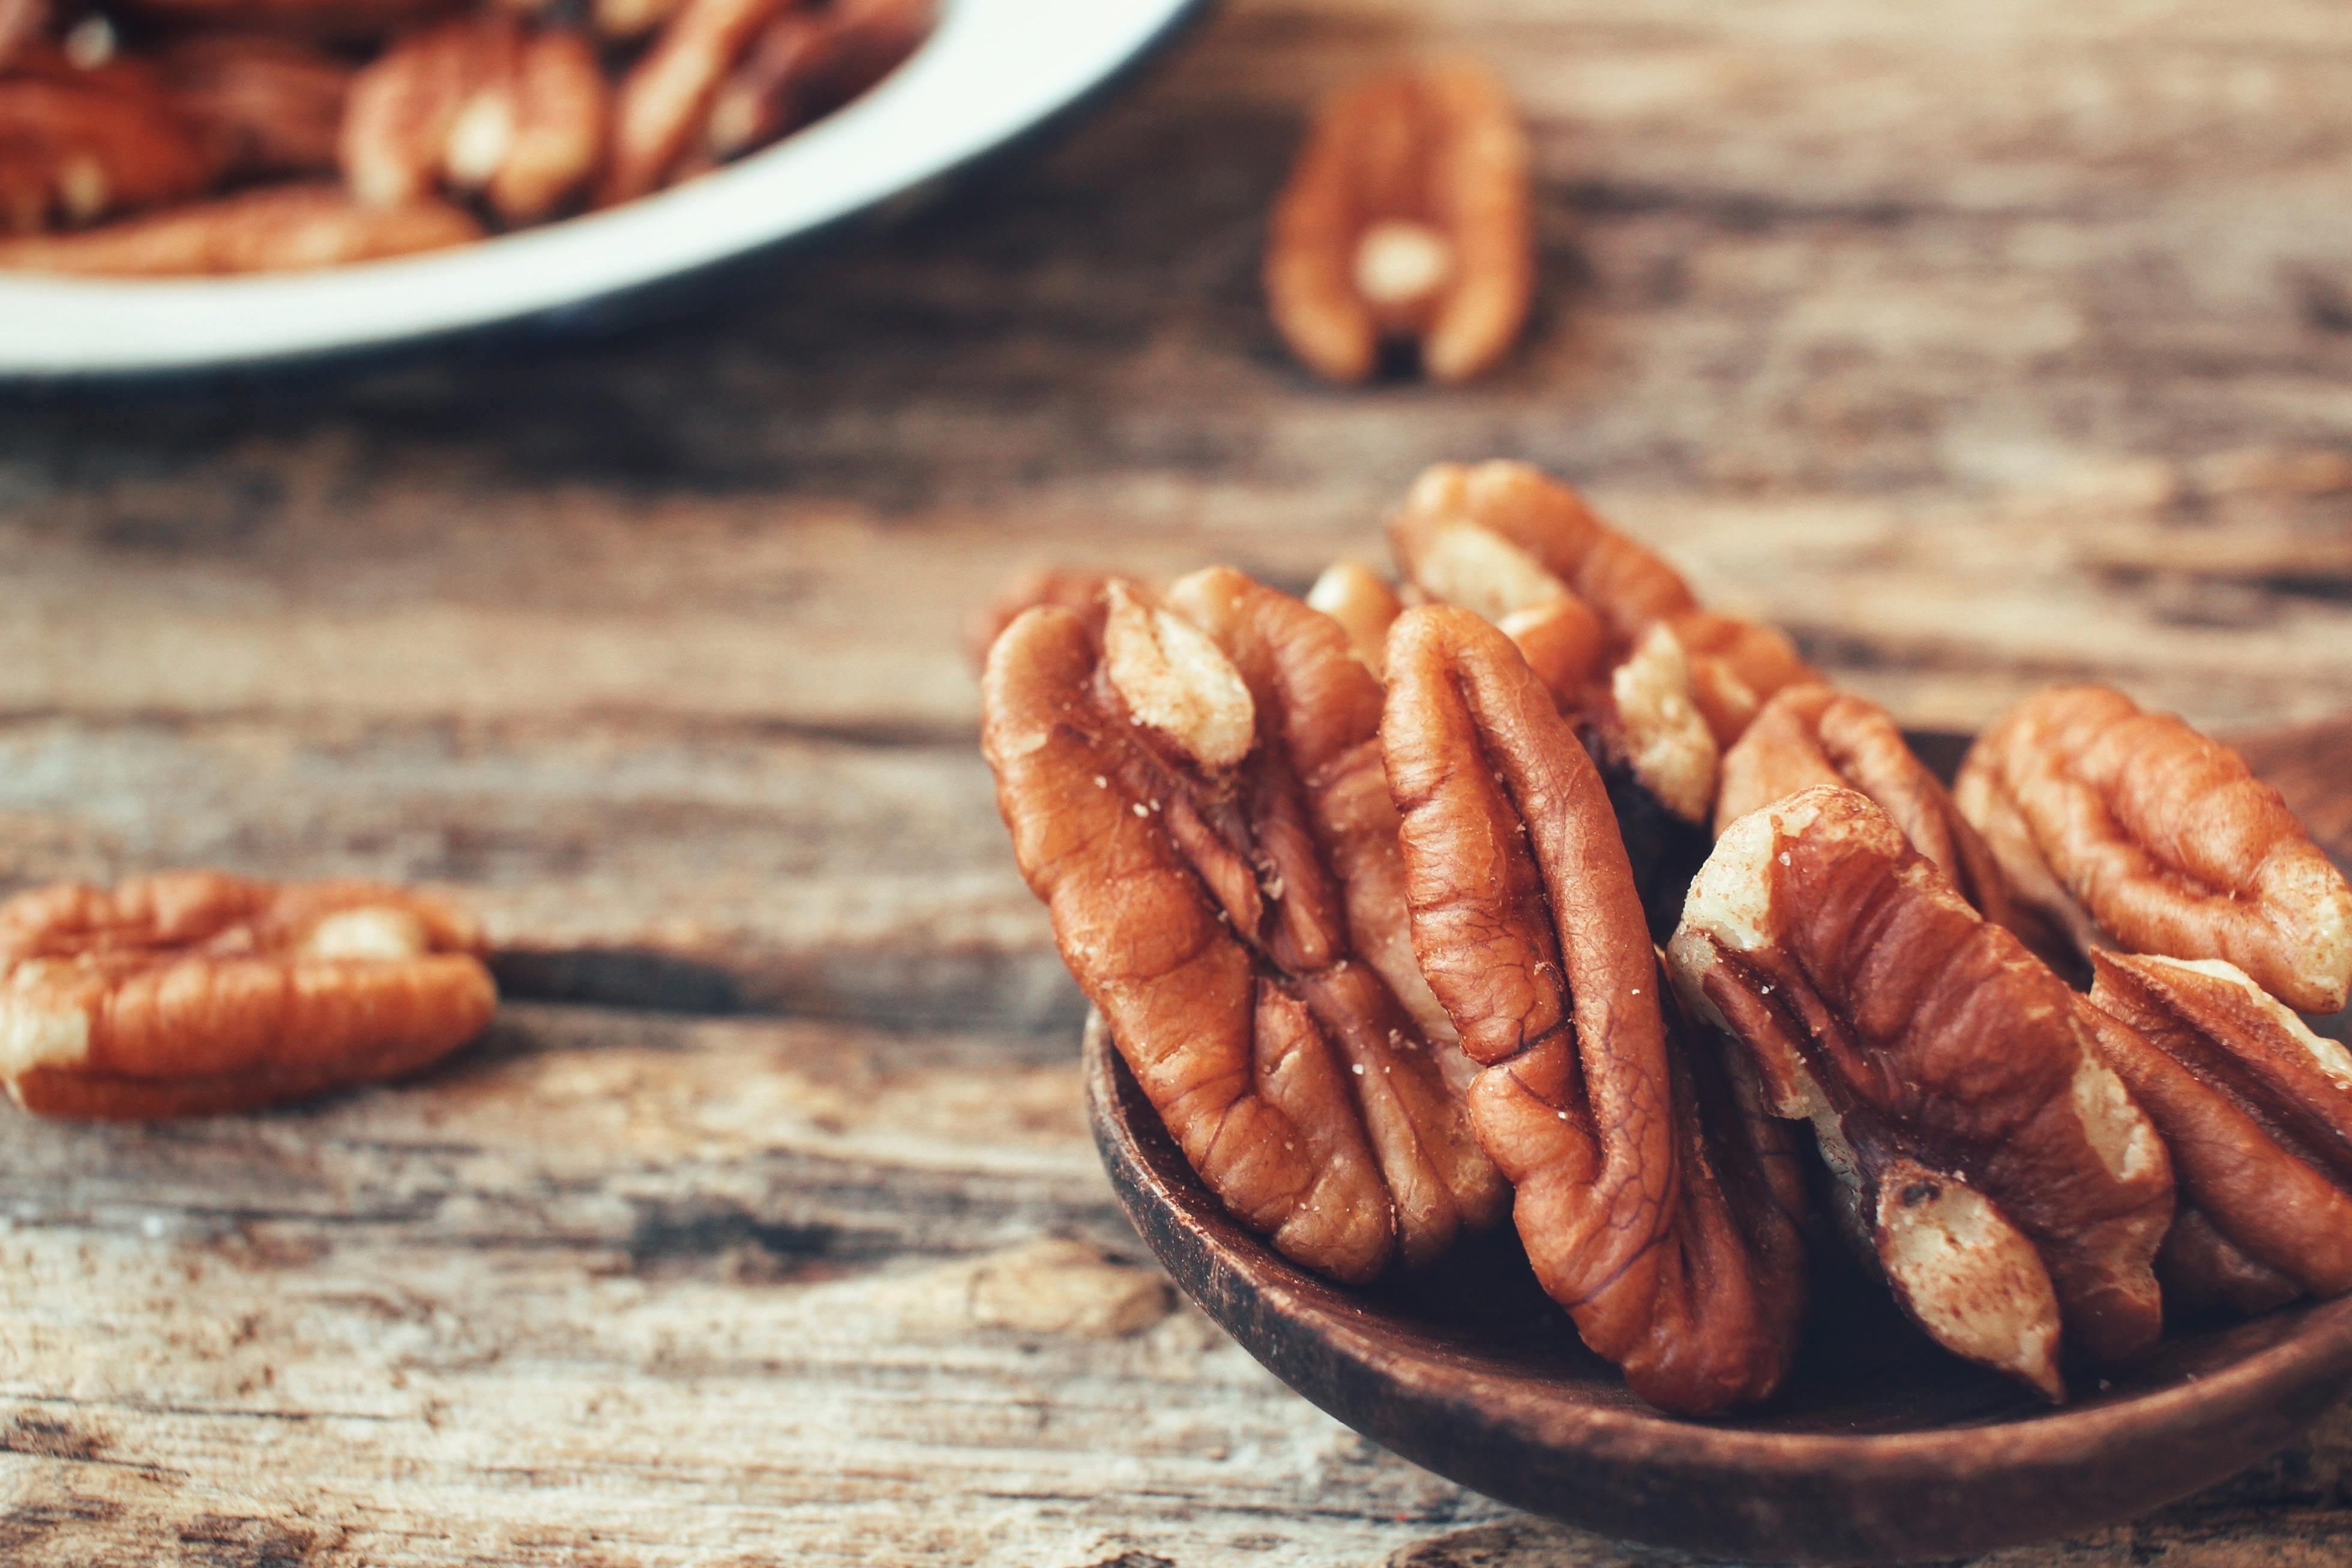 Razón 5: tienen alta capacidad de saciar el apetito por su aporte de fibra y regular las funciones intestinales.